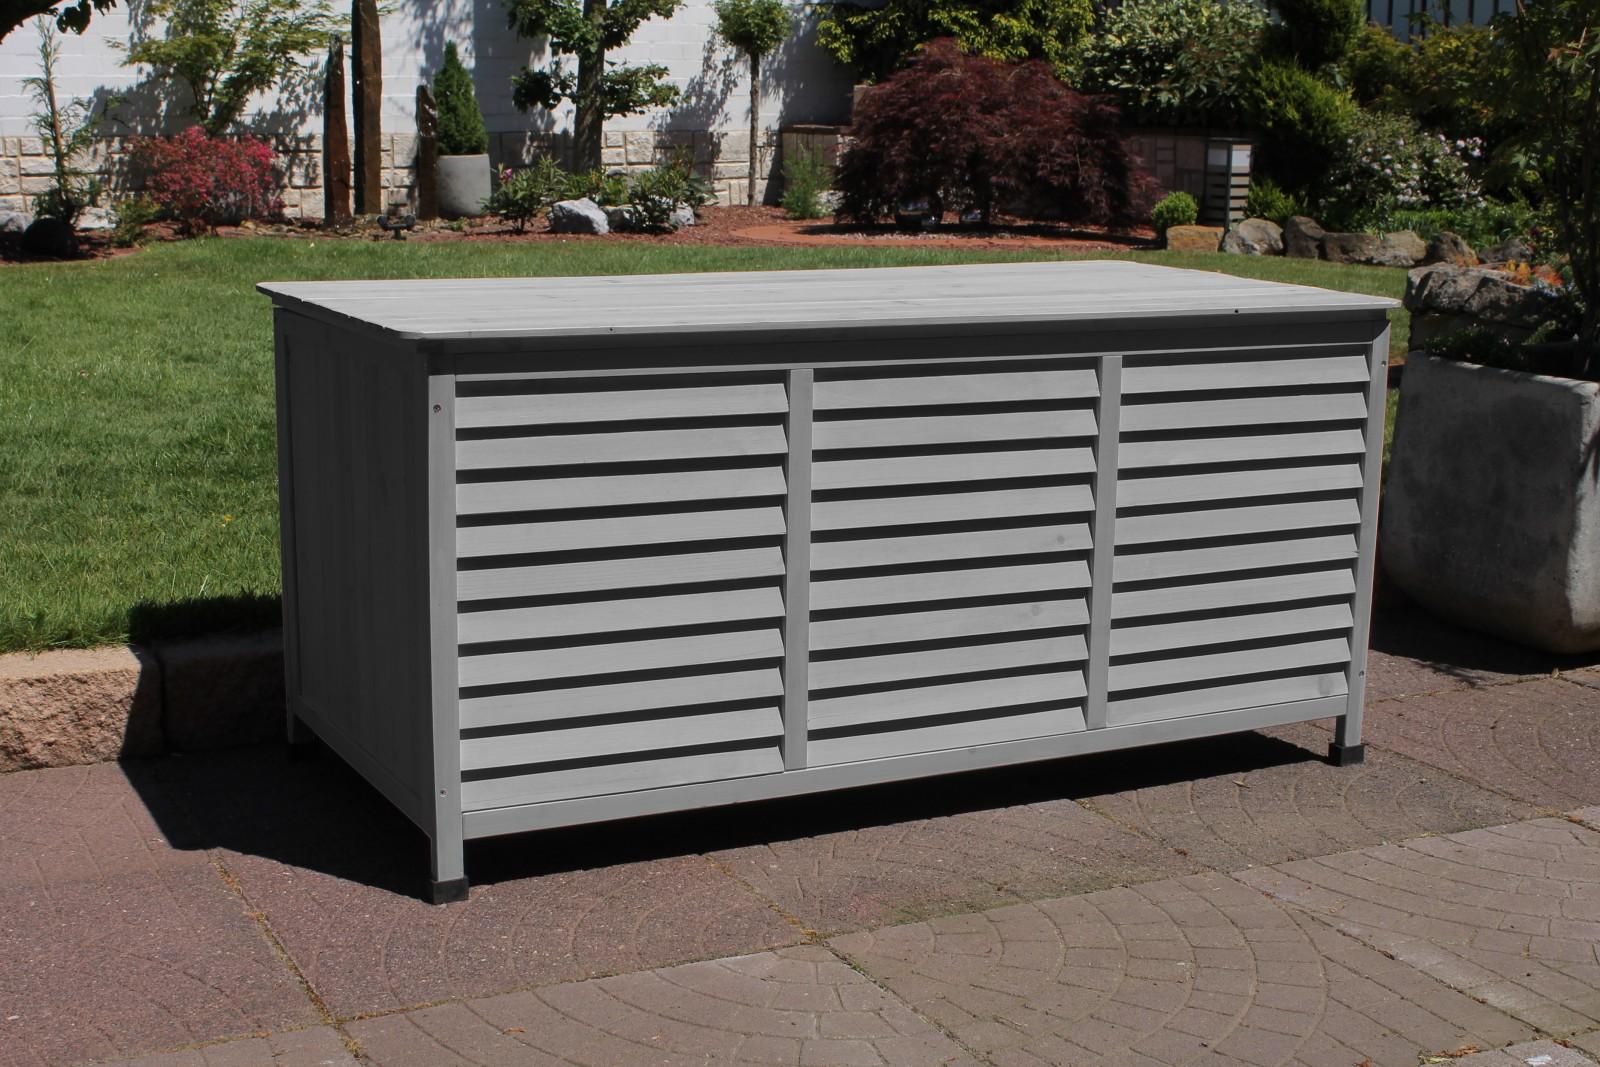 genug auflagenbox wasserdicht grau sx97 kyushucon. Black Bedroom Furniture Sets. Home Design Ideas